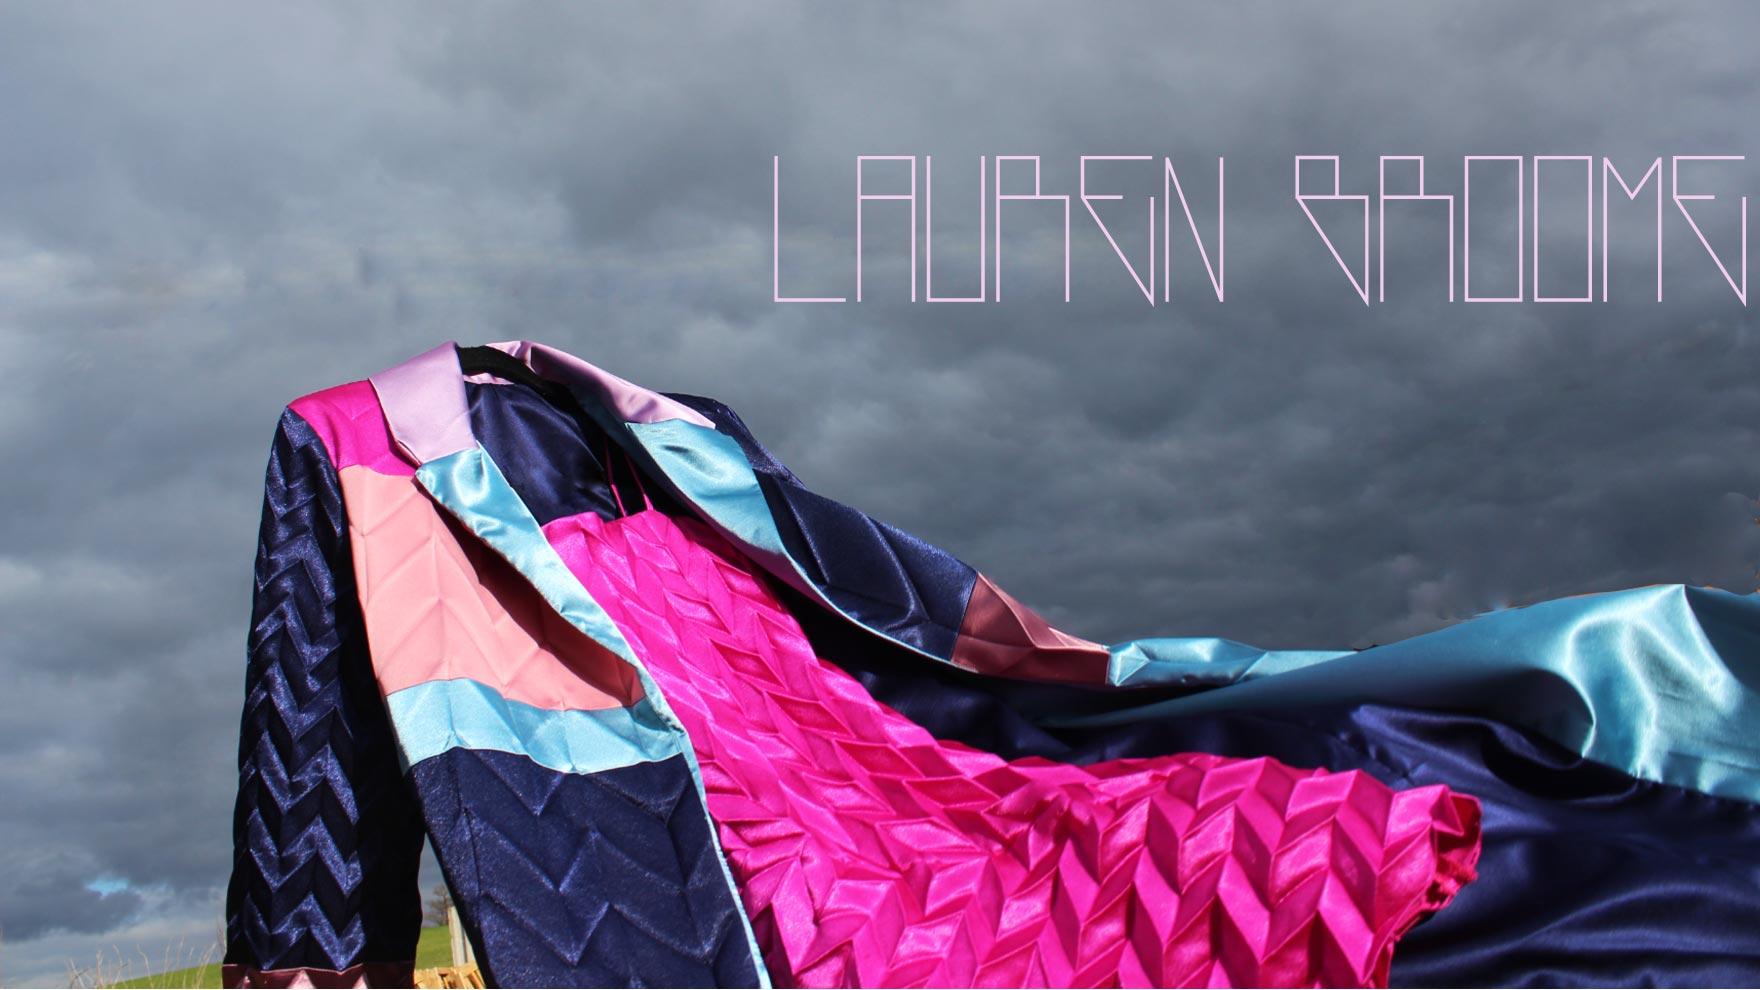 Lauren Broome University Of East London 2020